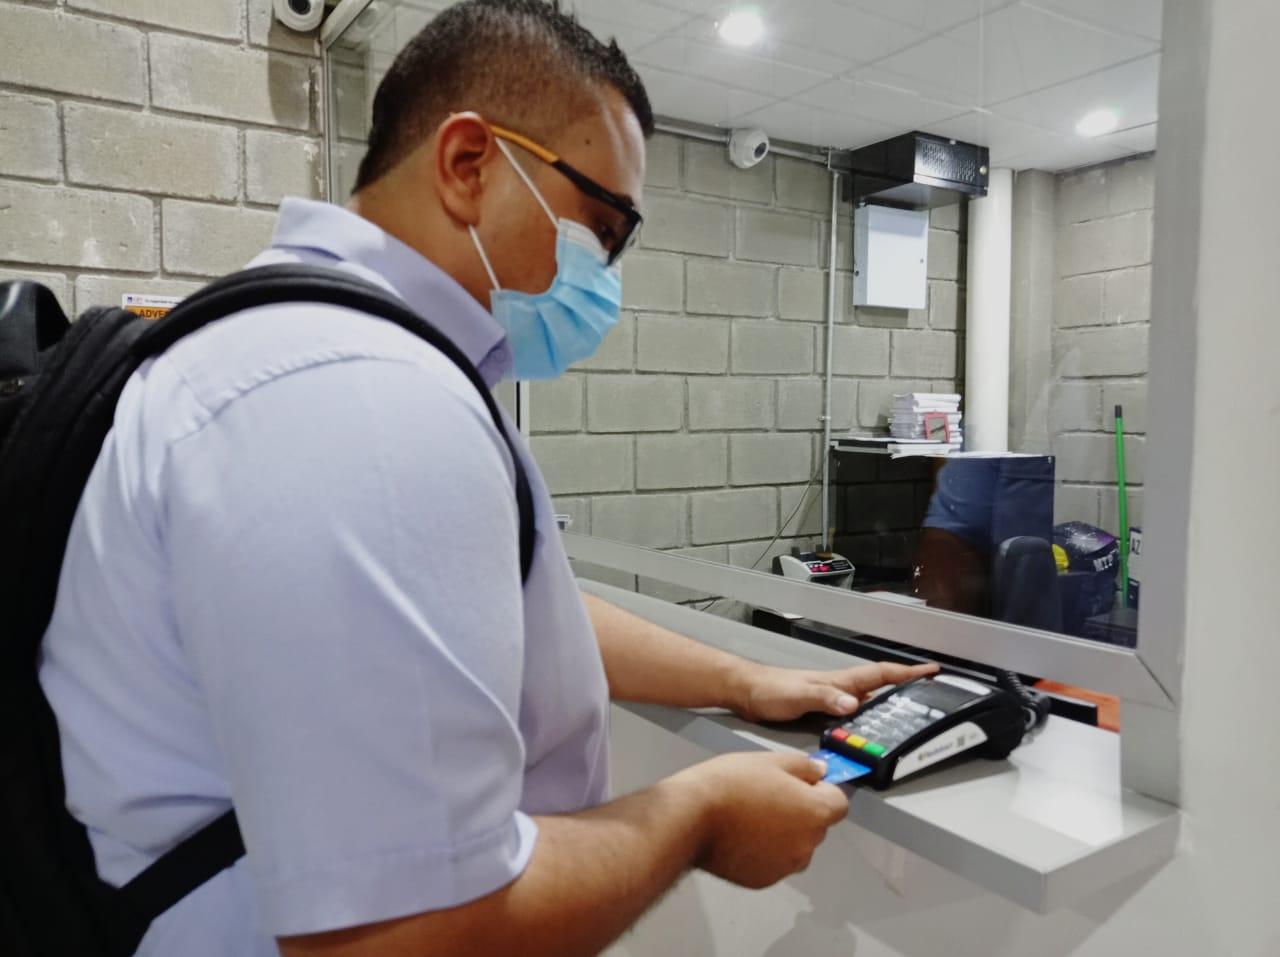 Trámites de movilidad ahora se podrán pagar con datáfono en Ibagué